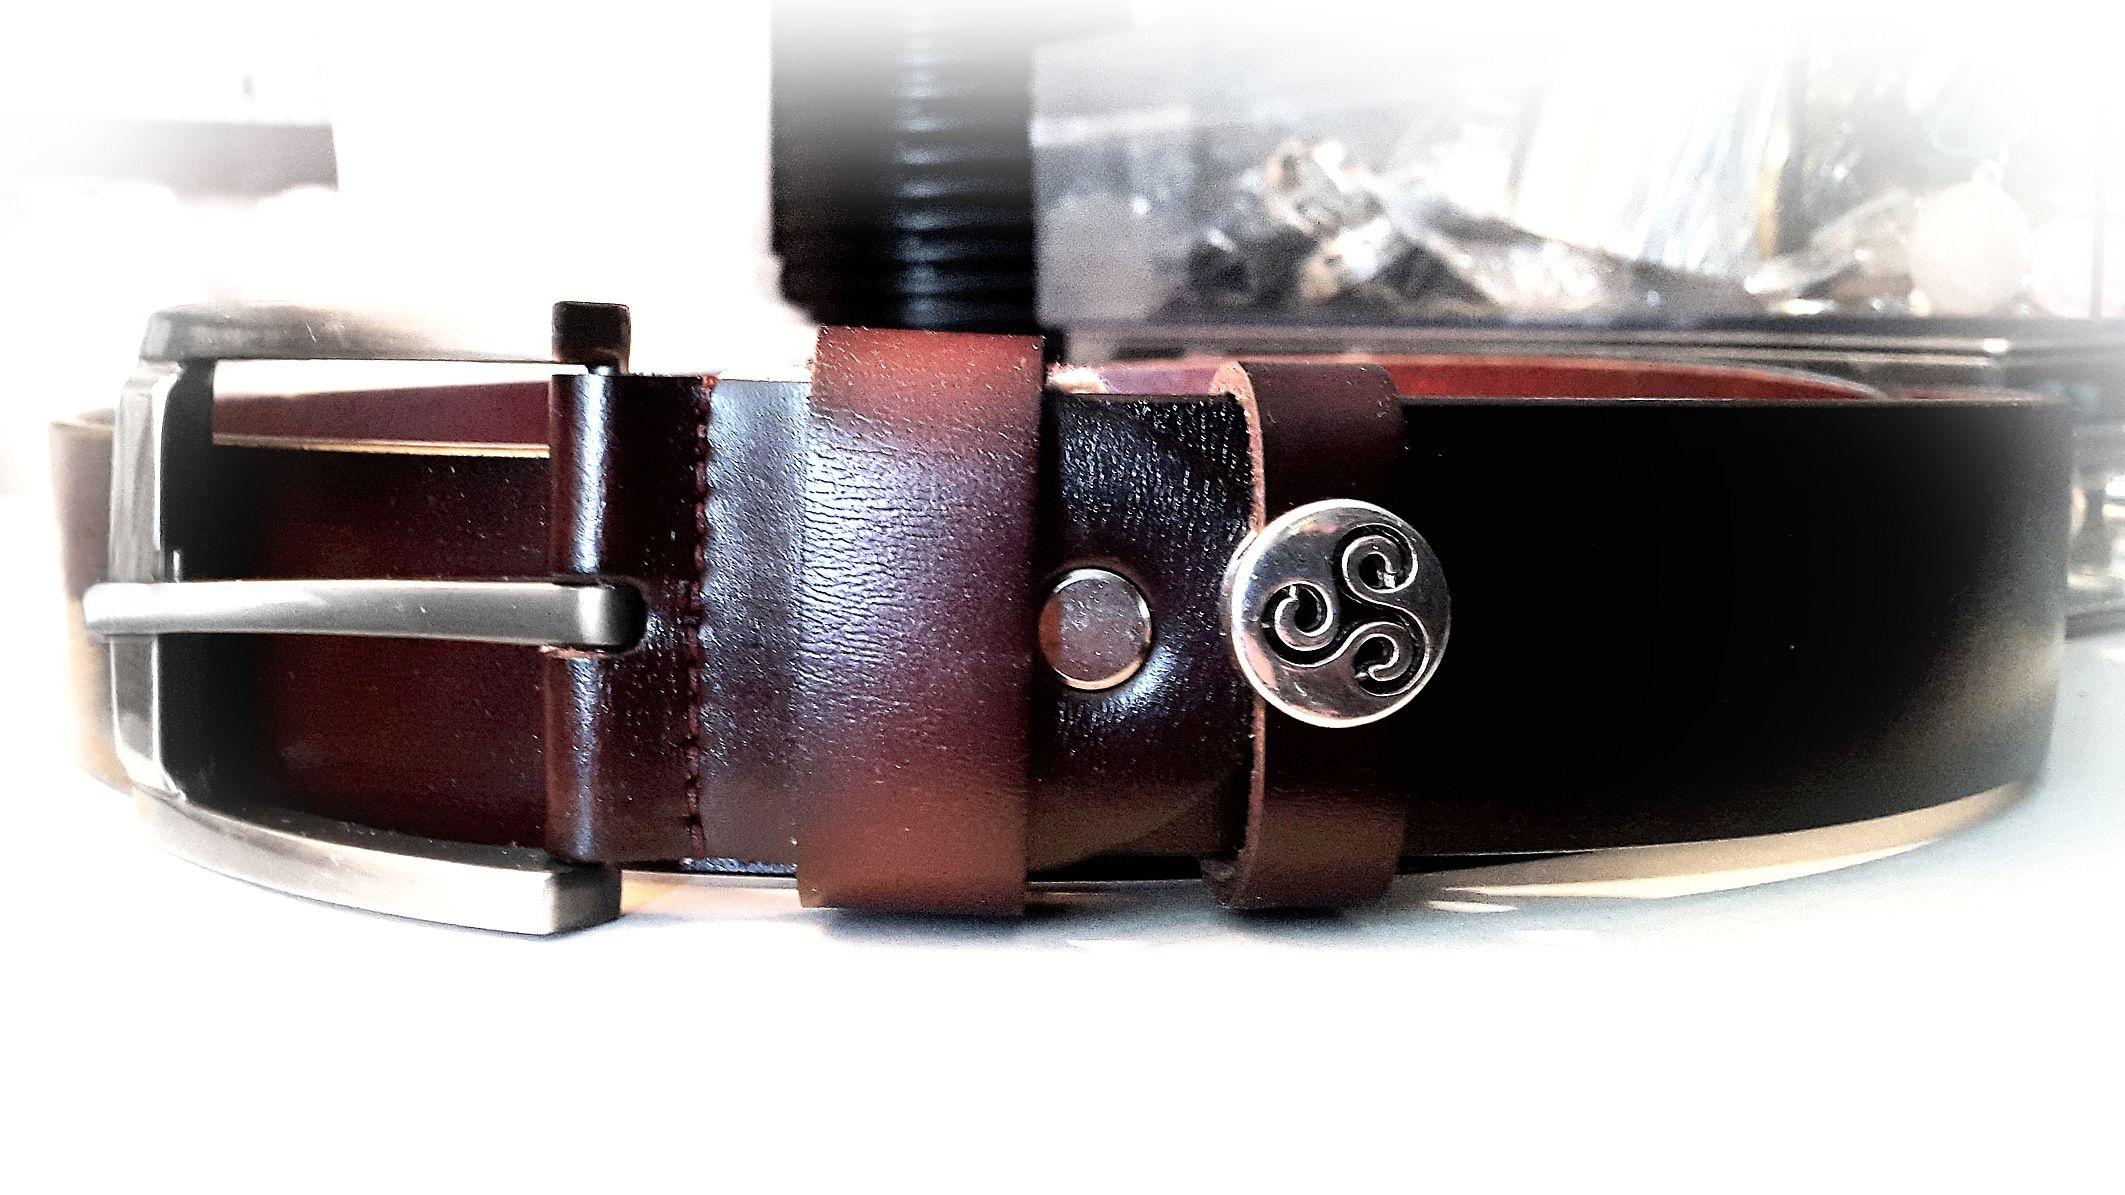 БДСМ символ трискель ремень кожаный